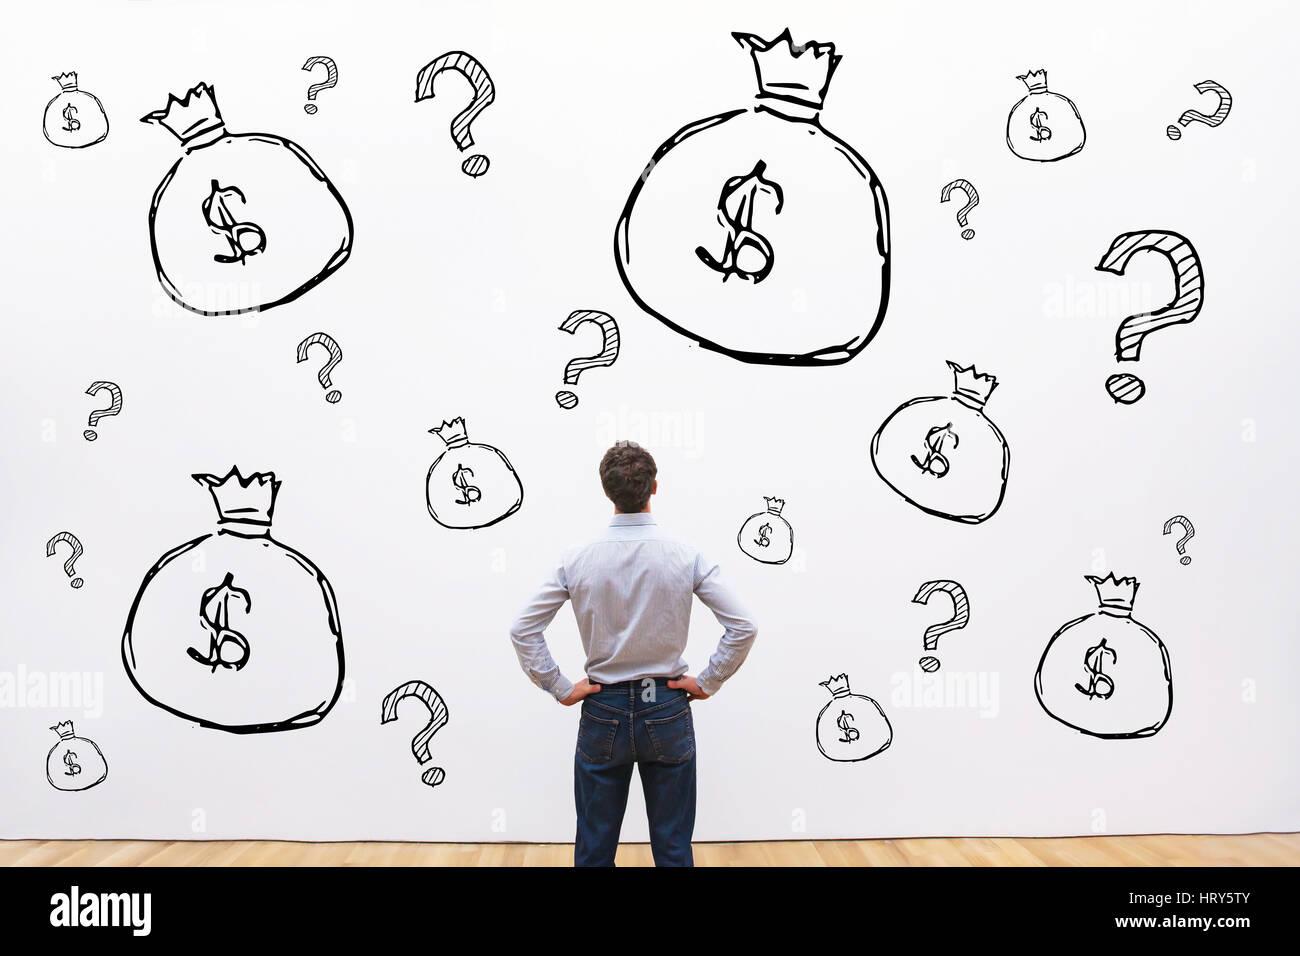 Kredite, Investitionen oder Fundraising Finanzkonzept, Geld, Existenzgründung Projekt starten Stockbild